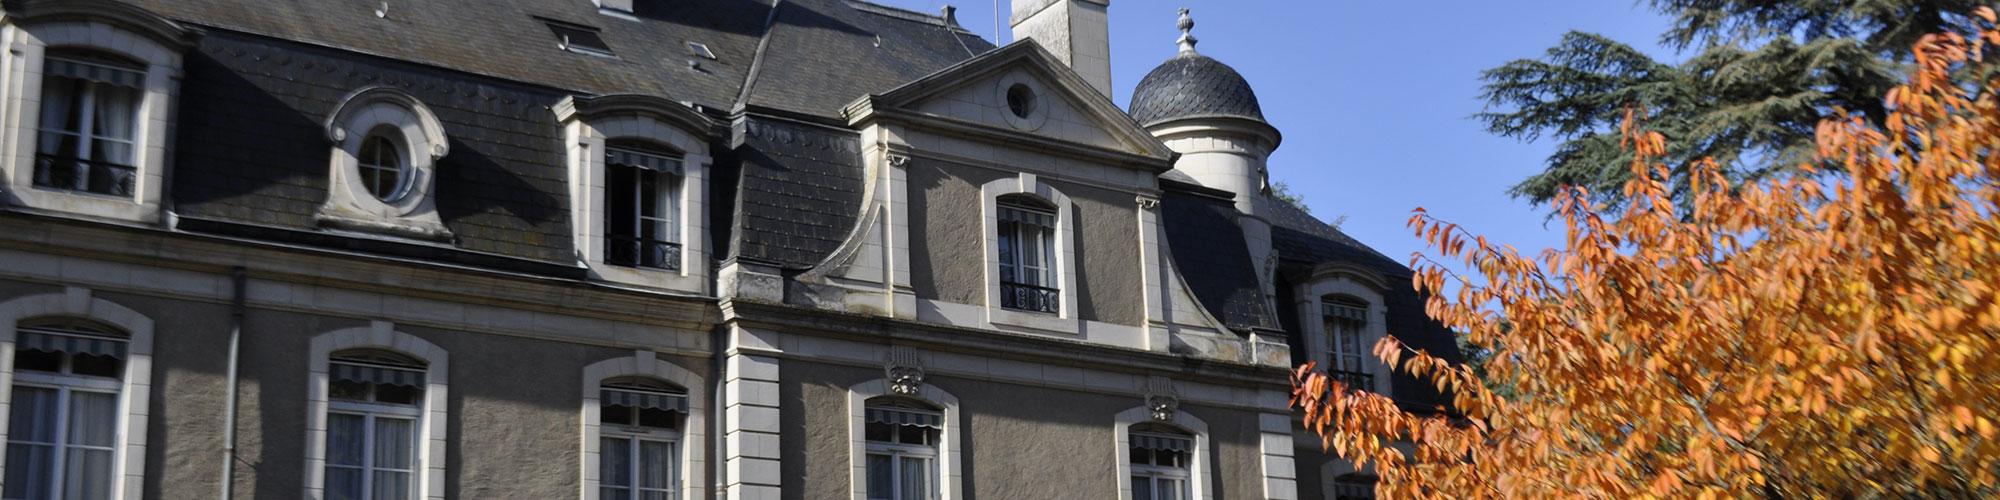 Maison de retraite lailly en val segu maison for Accueil temporaire en maison de retraite